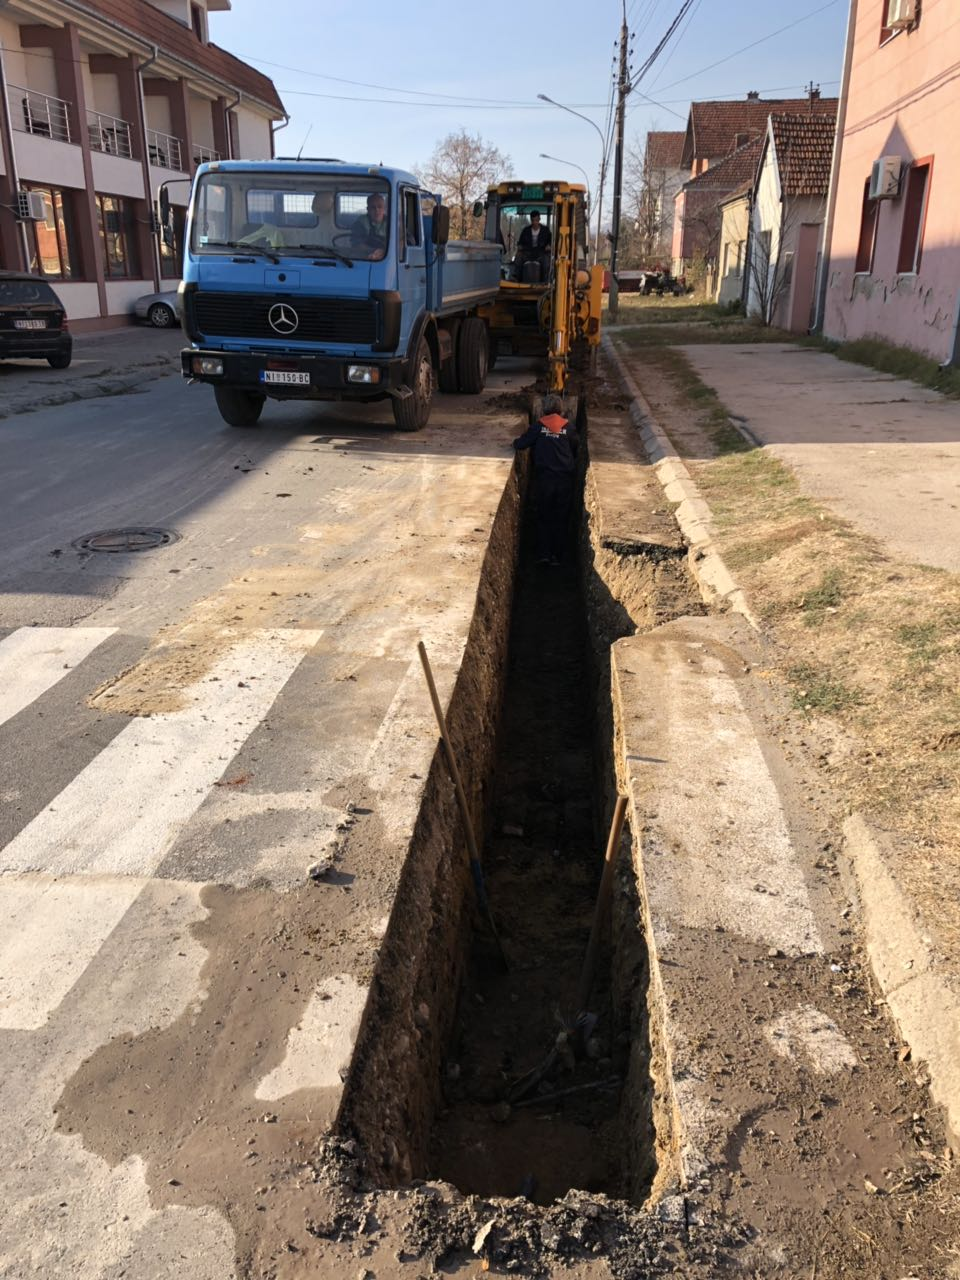 Rekonstrukcija vodovodne mreže, foto: D. Miladinović, Svrljiške novine